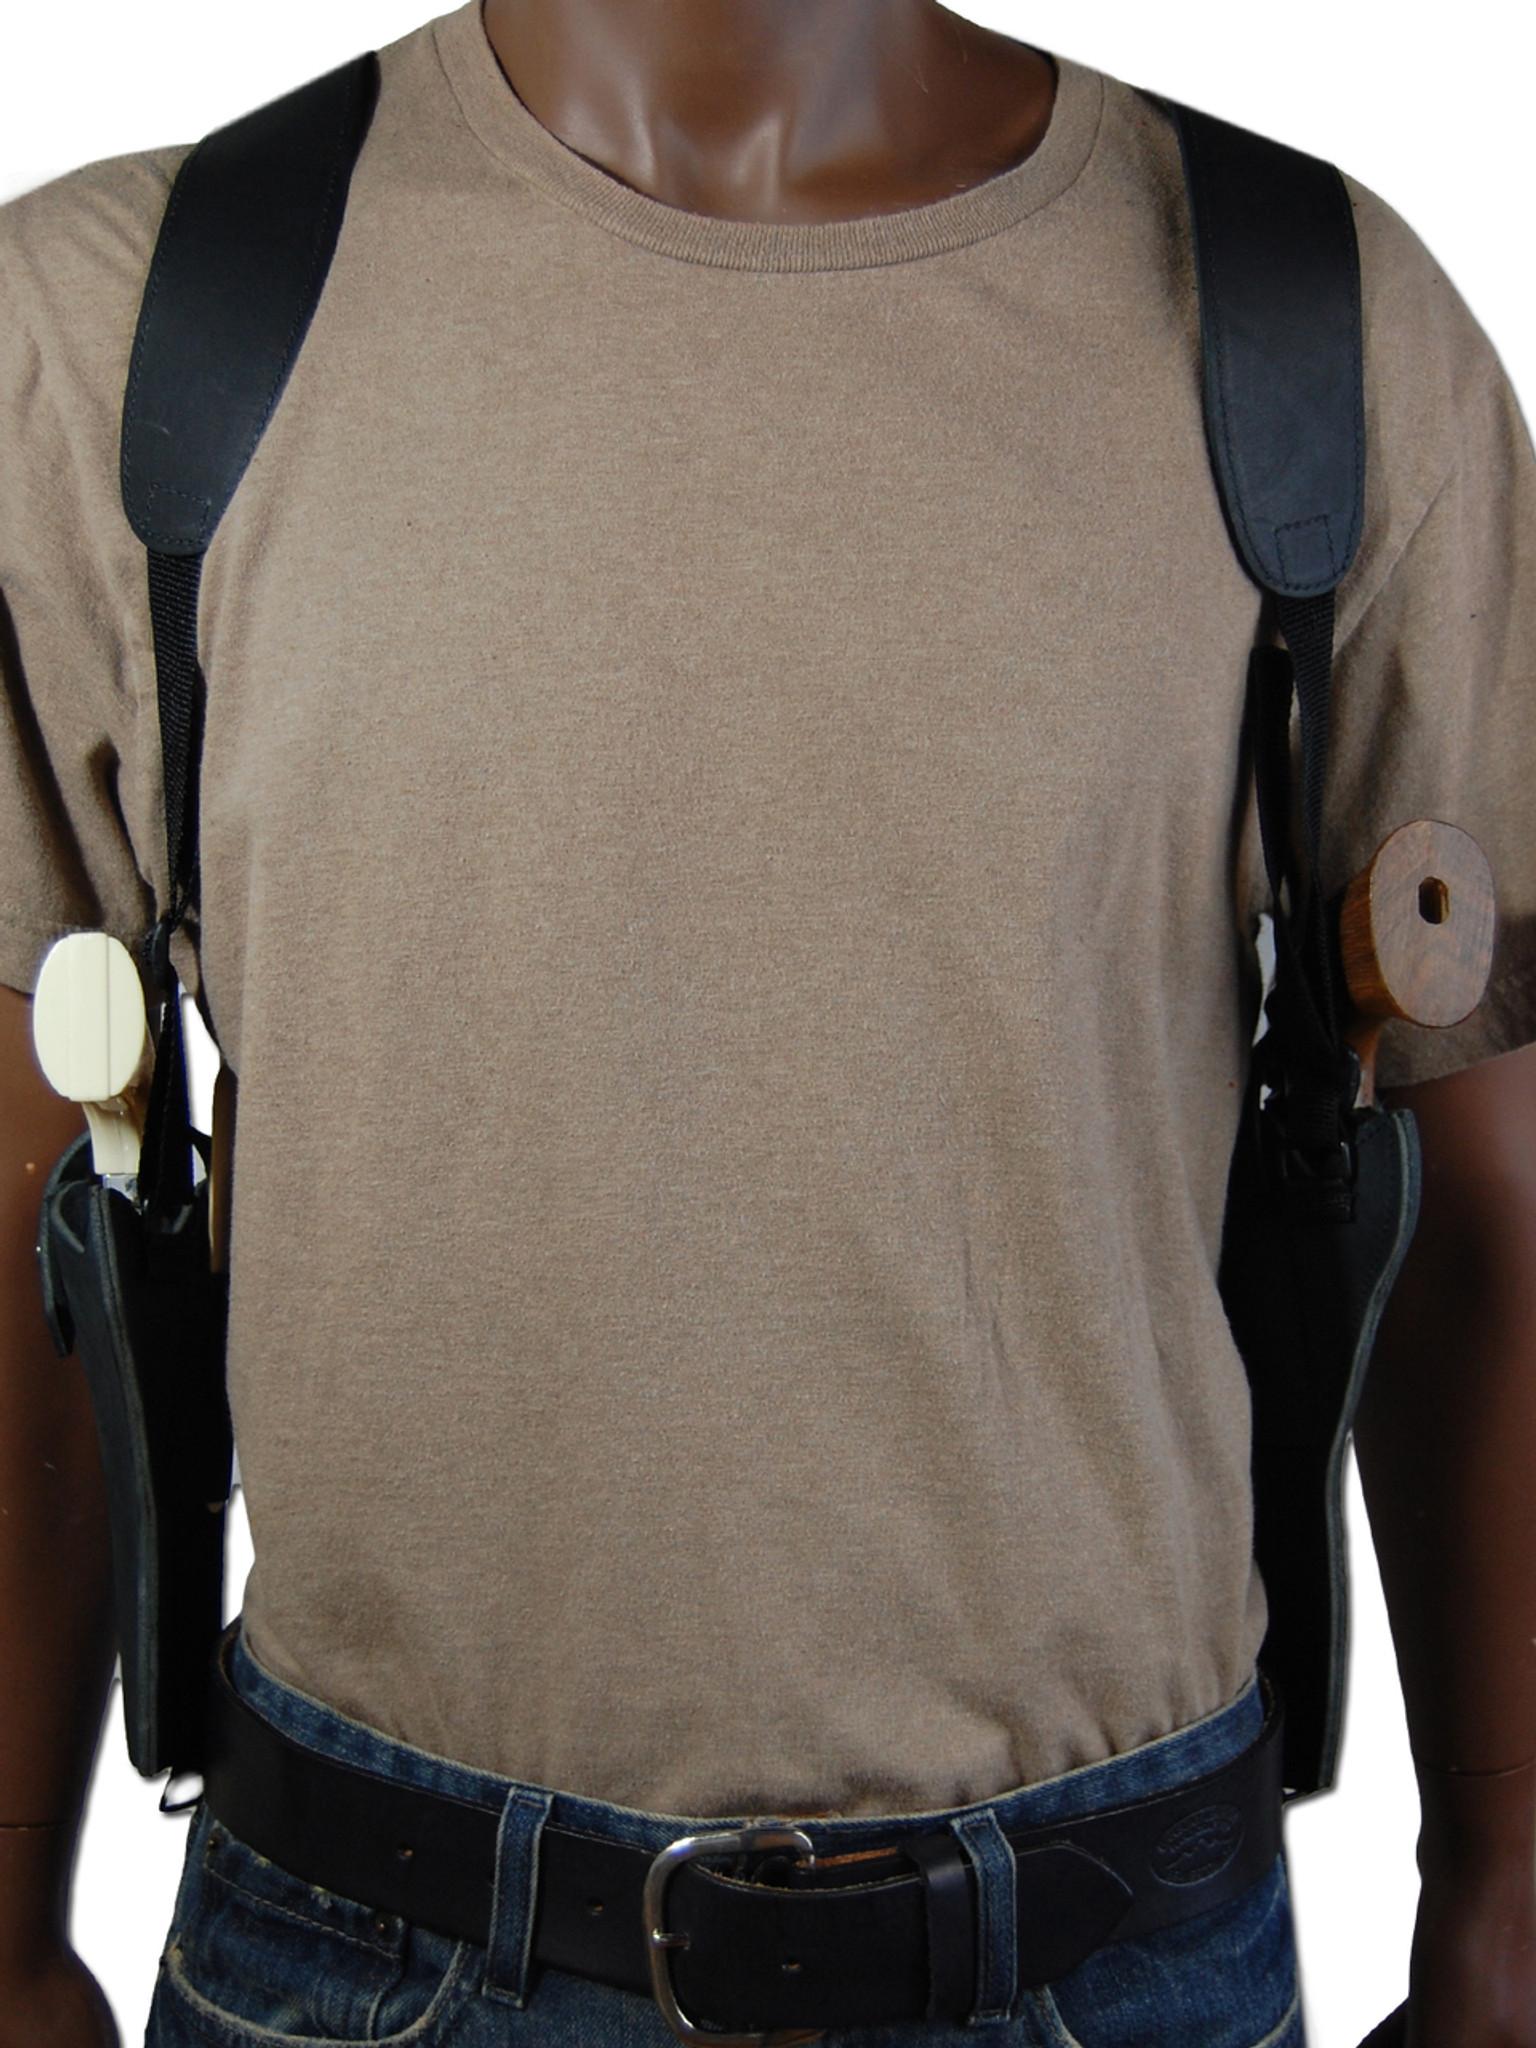 Black Leather 2 Gun Shoulder Holster for 3